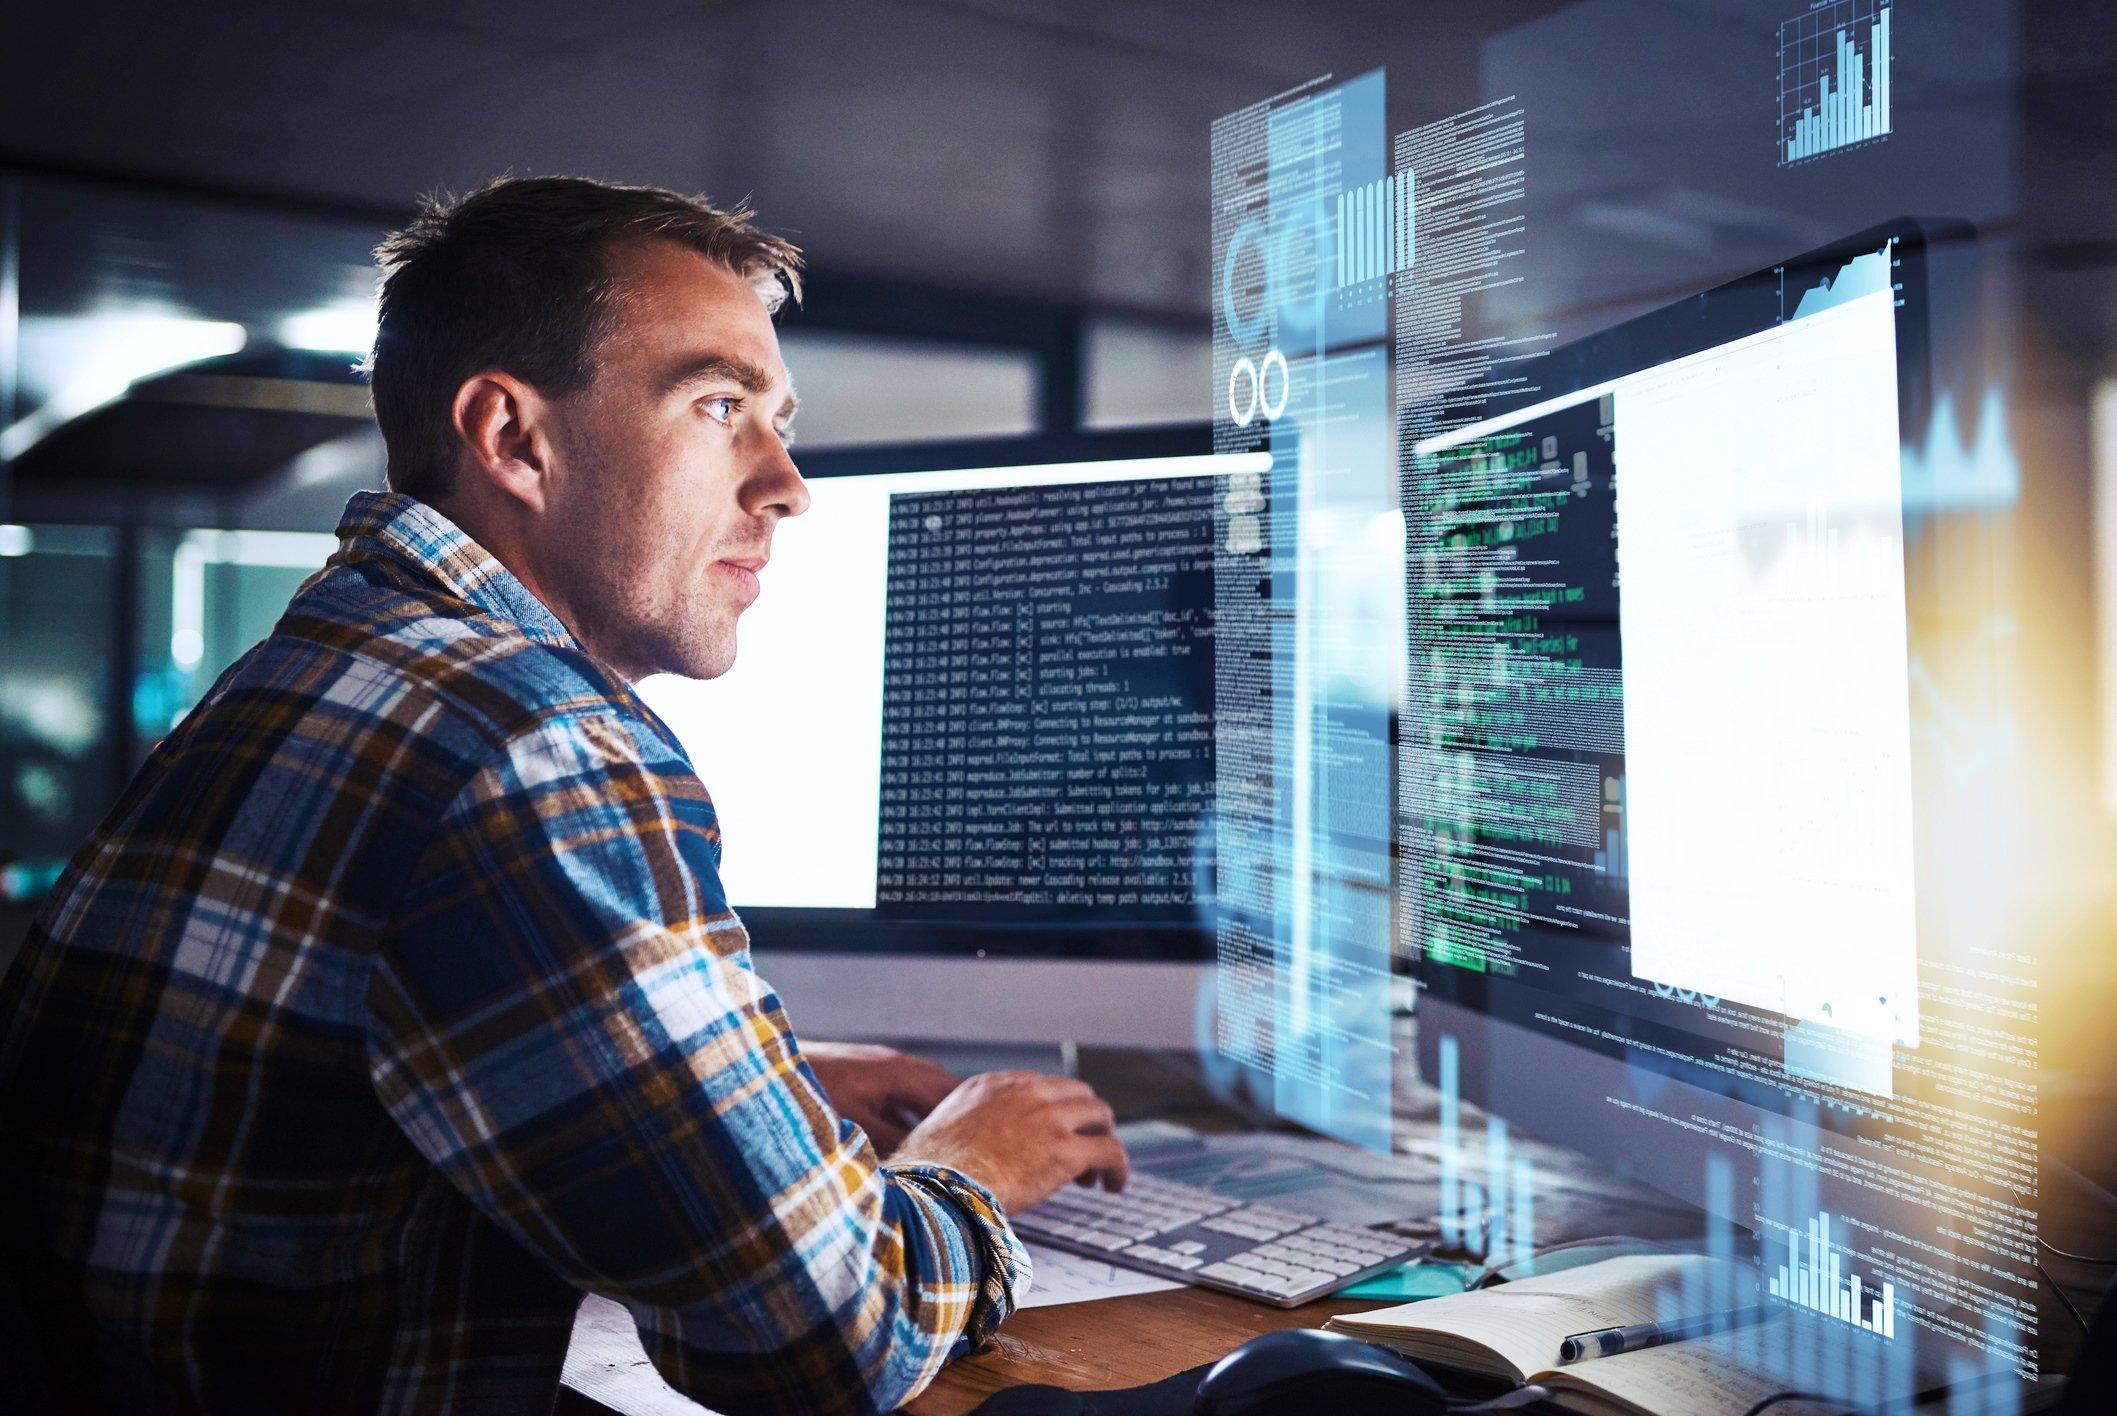 It технологии: профессии, связанные с информатикой